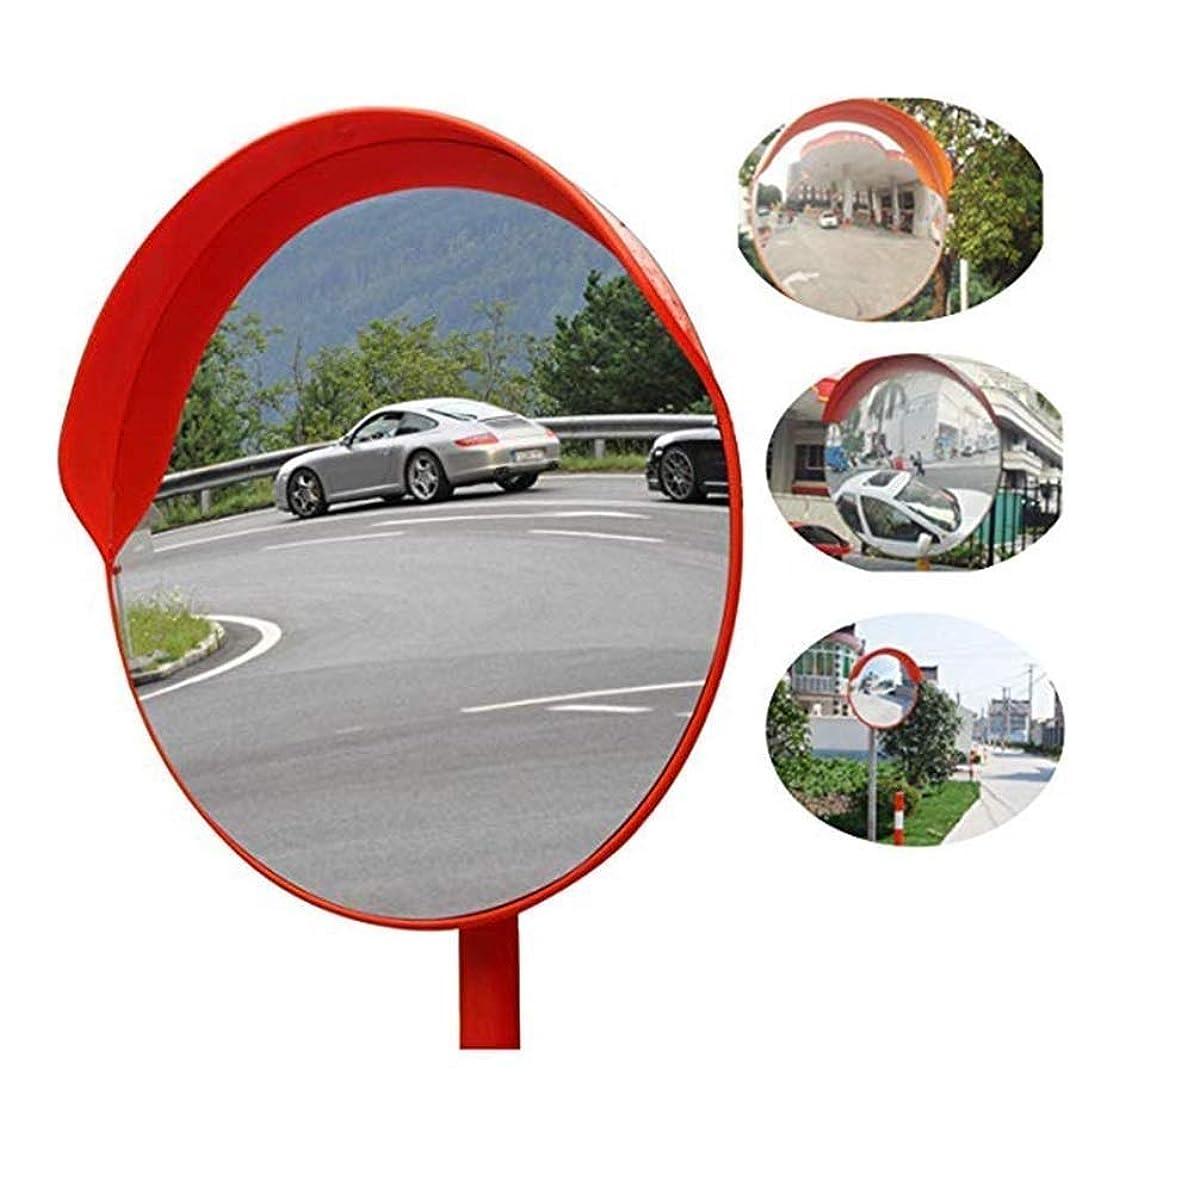 無許可好奇心ほこりっぽいGeng カーブミラー 死角ミラー-BH安全交通ミラー、アクリルの屋外の反射凸面鏡